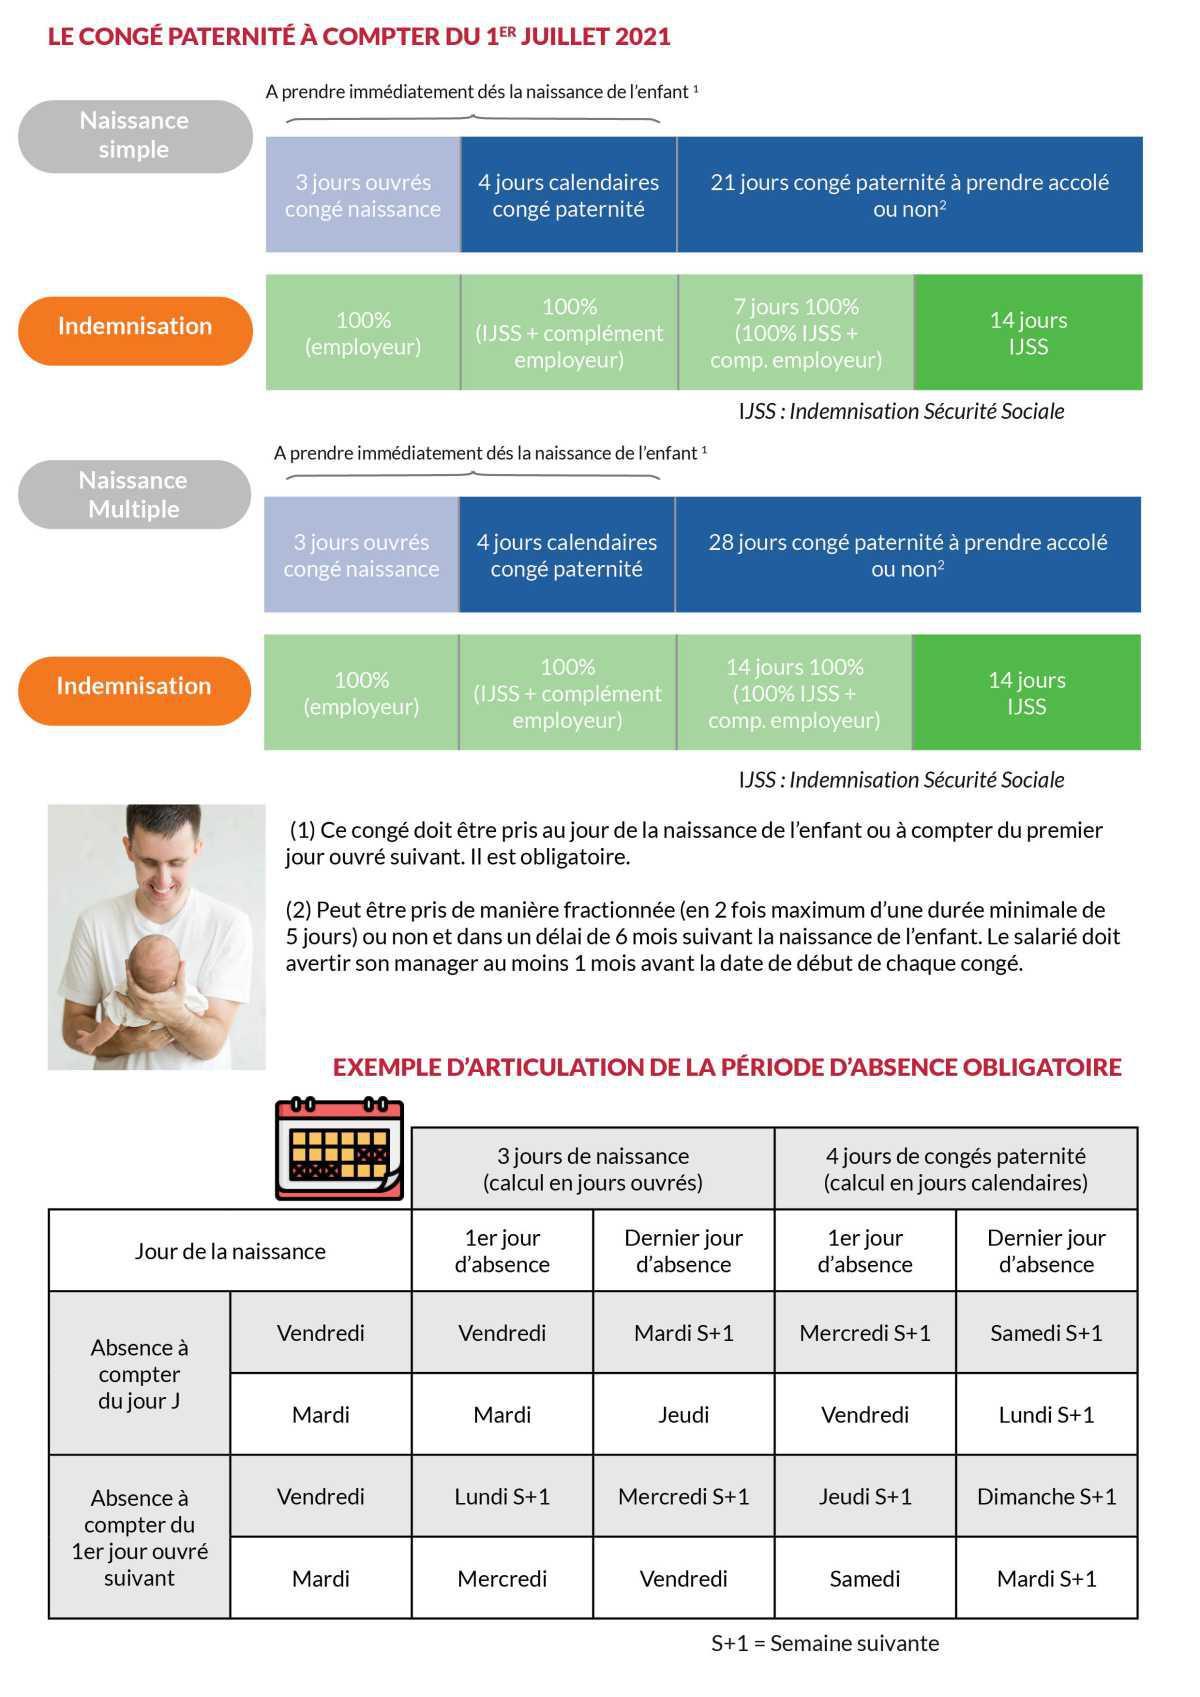 Fiche pratique : Congé paternité